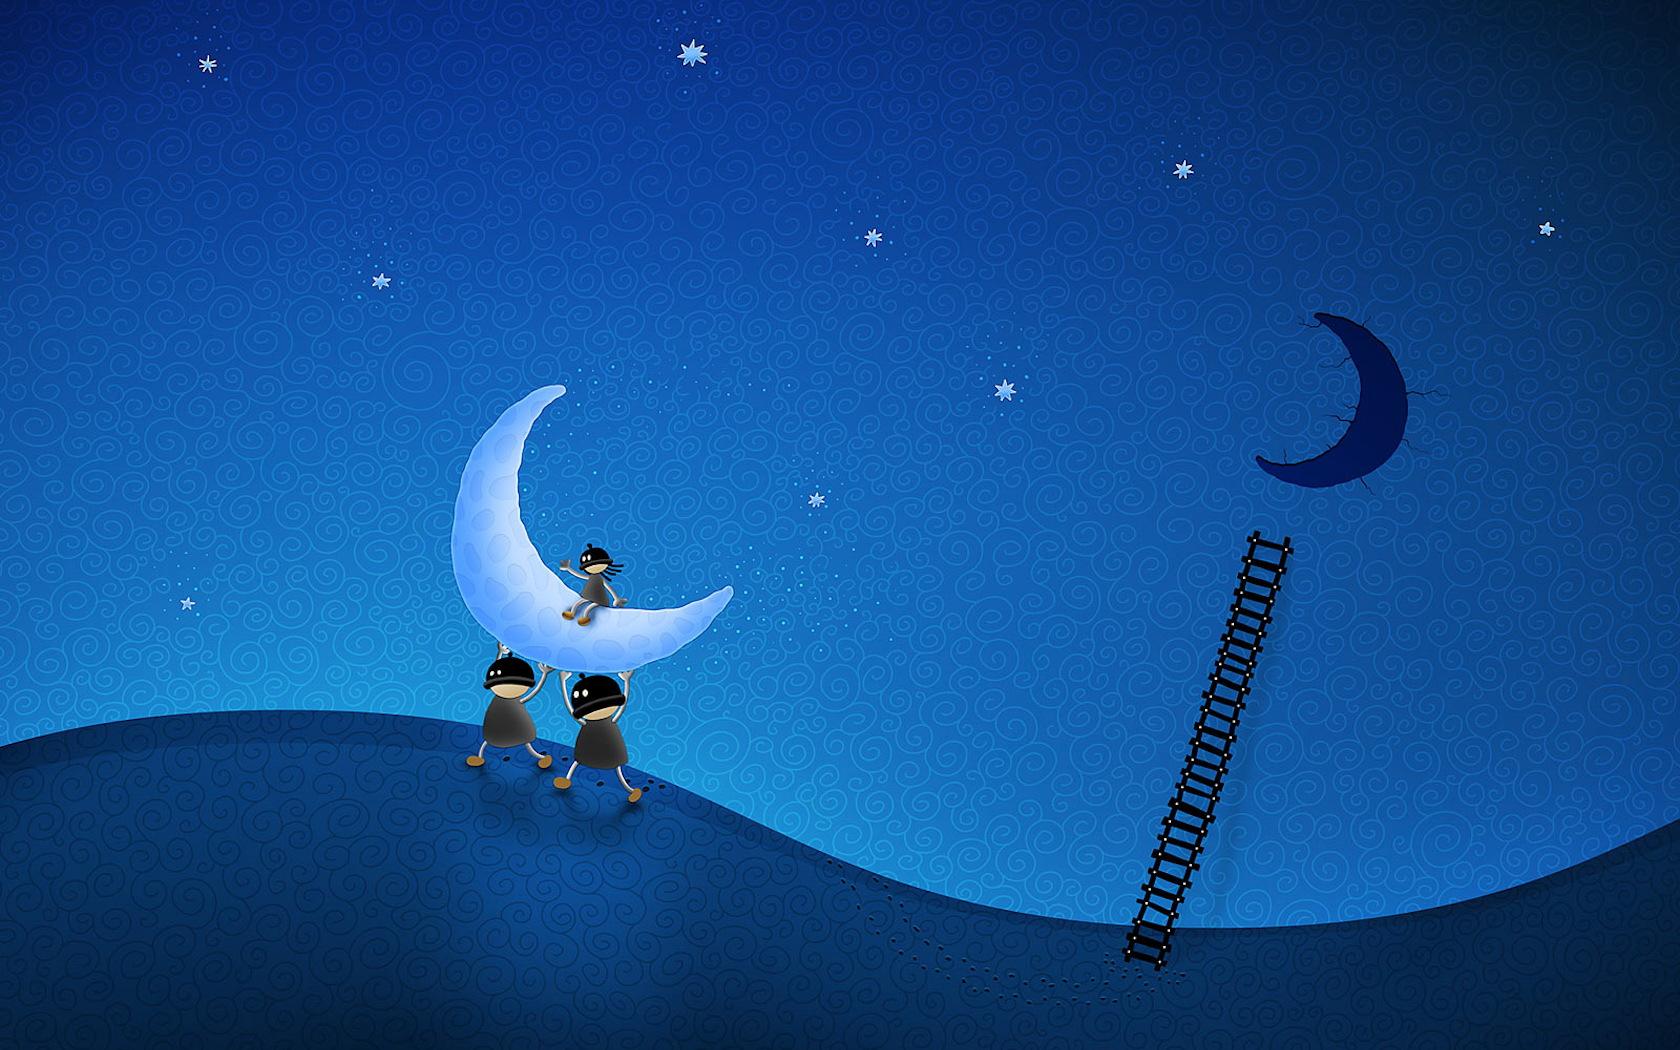 Прикольные картинки на тему ночь, анимация графика прикольные